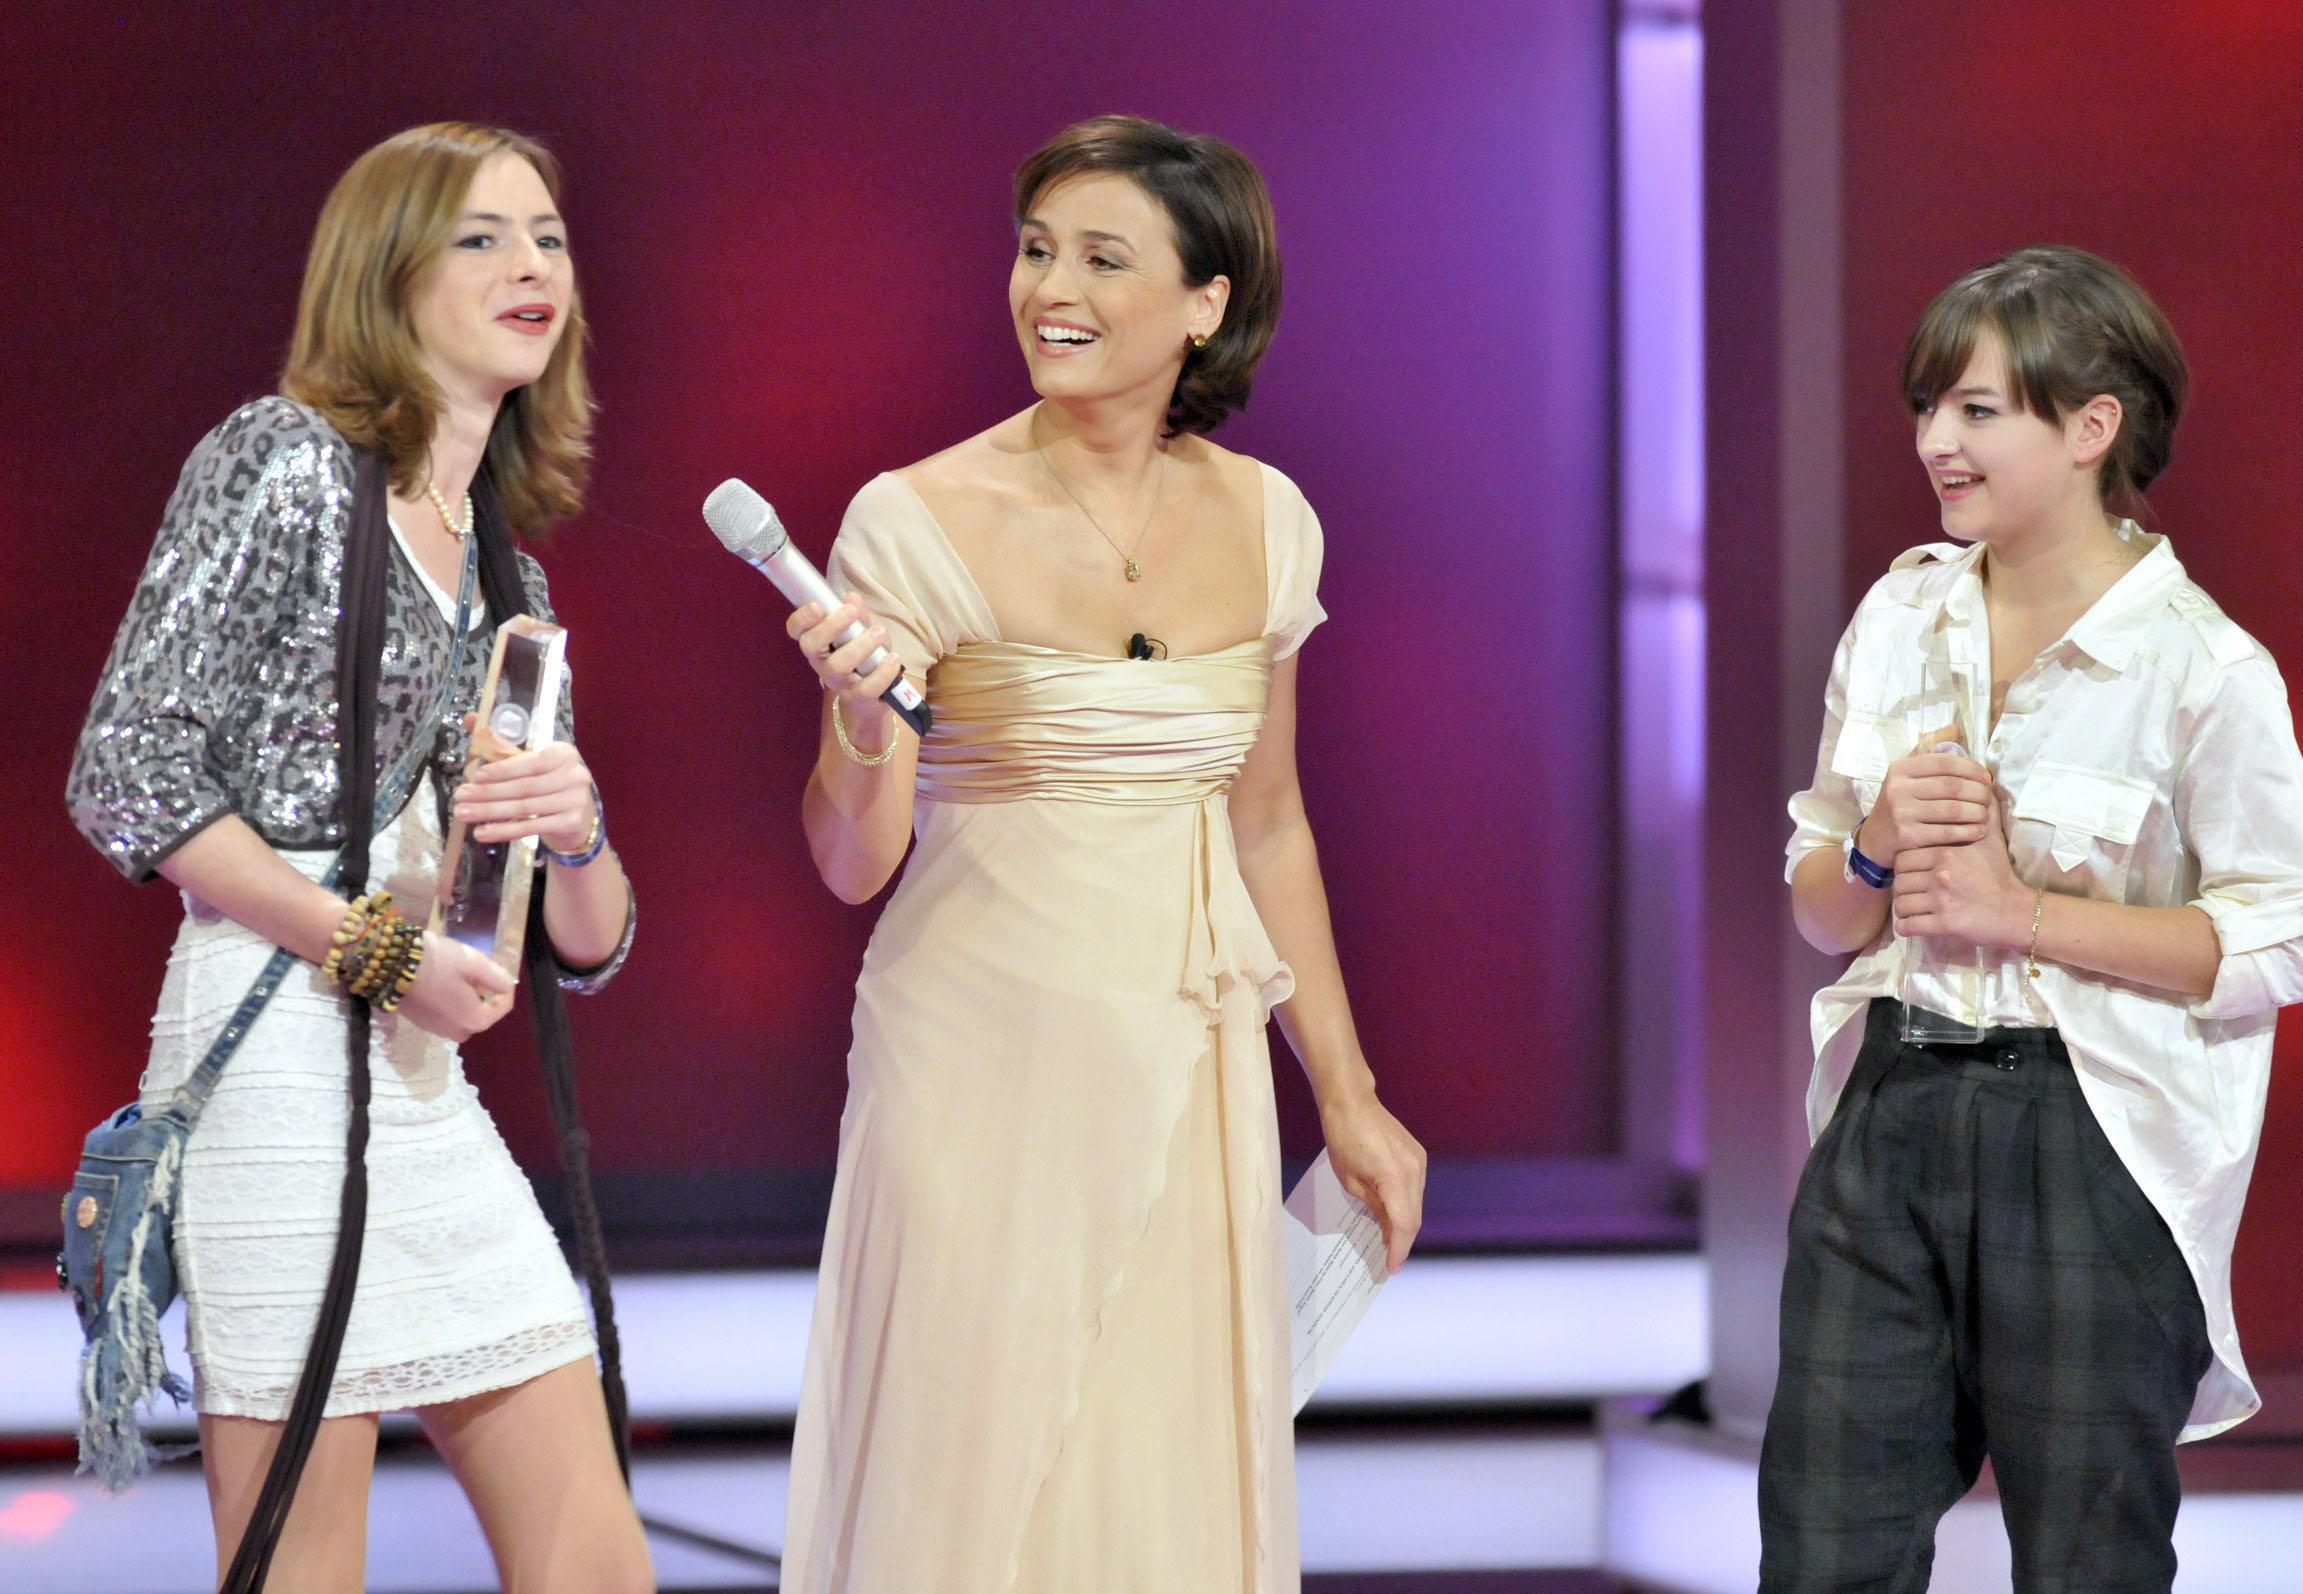 Förderpreis für die Jungschauspielerinnen Michelle Barthel und Carolyn Genzkow